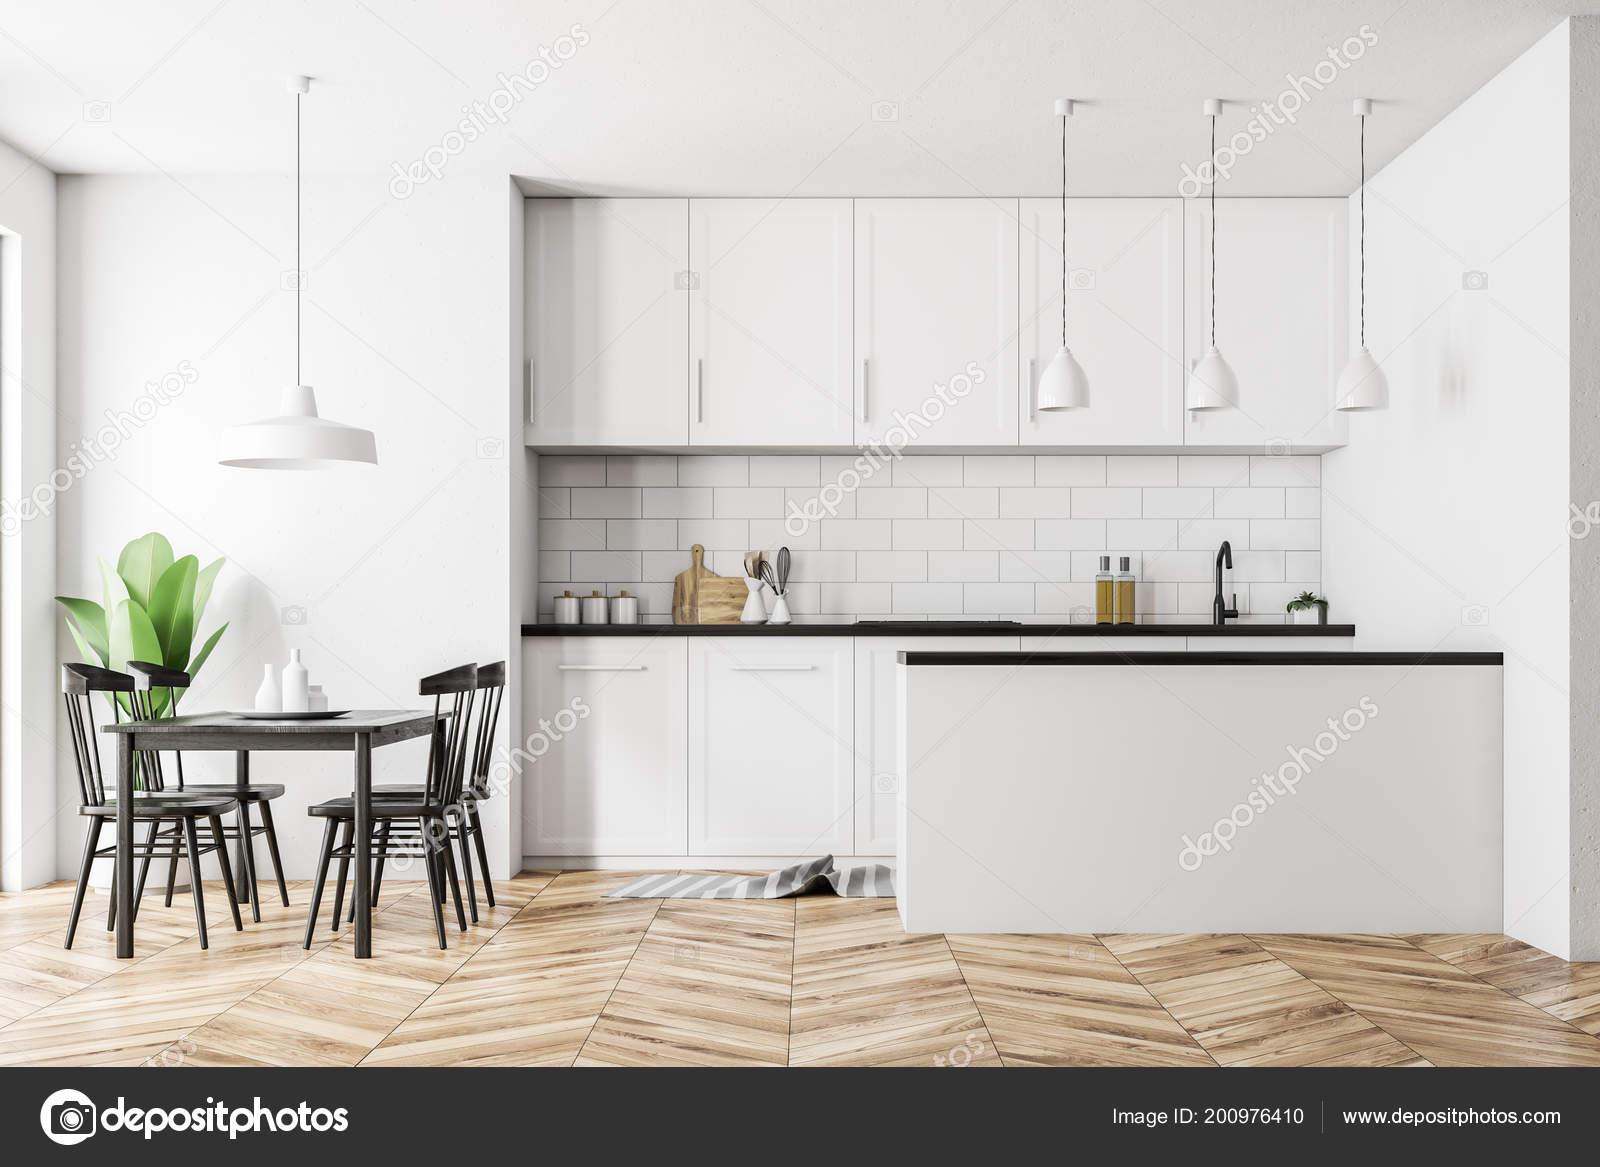 Fußboden Zu Weißer Küche ~ Weiße skandinavische küche interieur mit weißen wänden einen